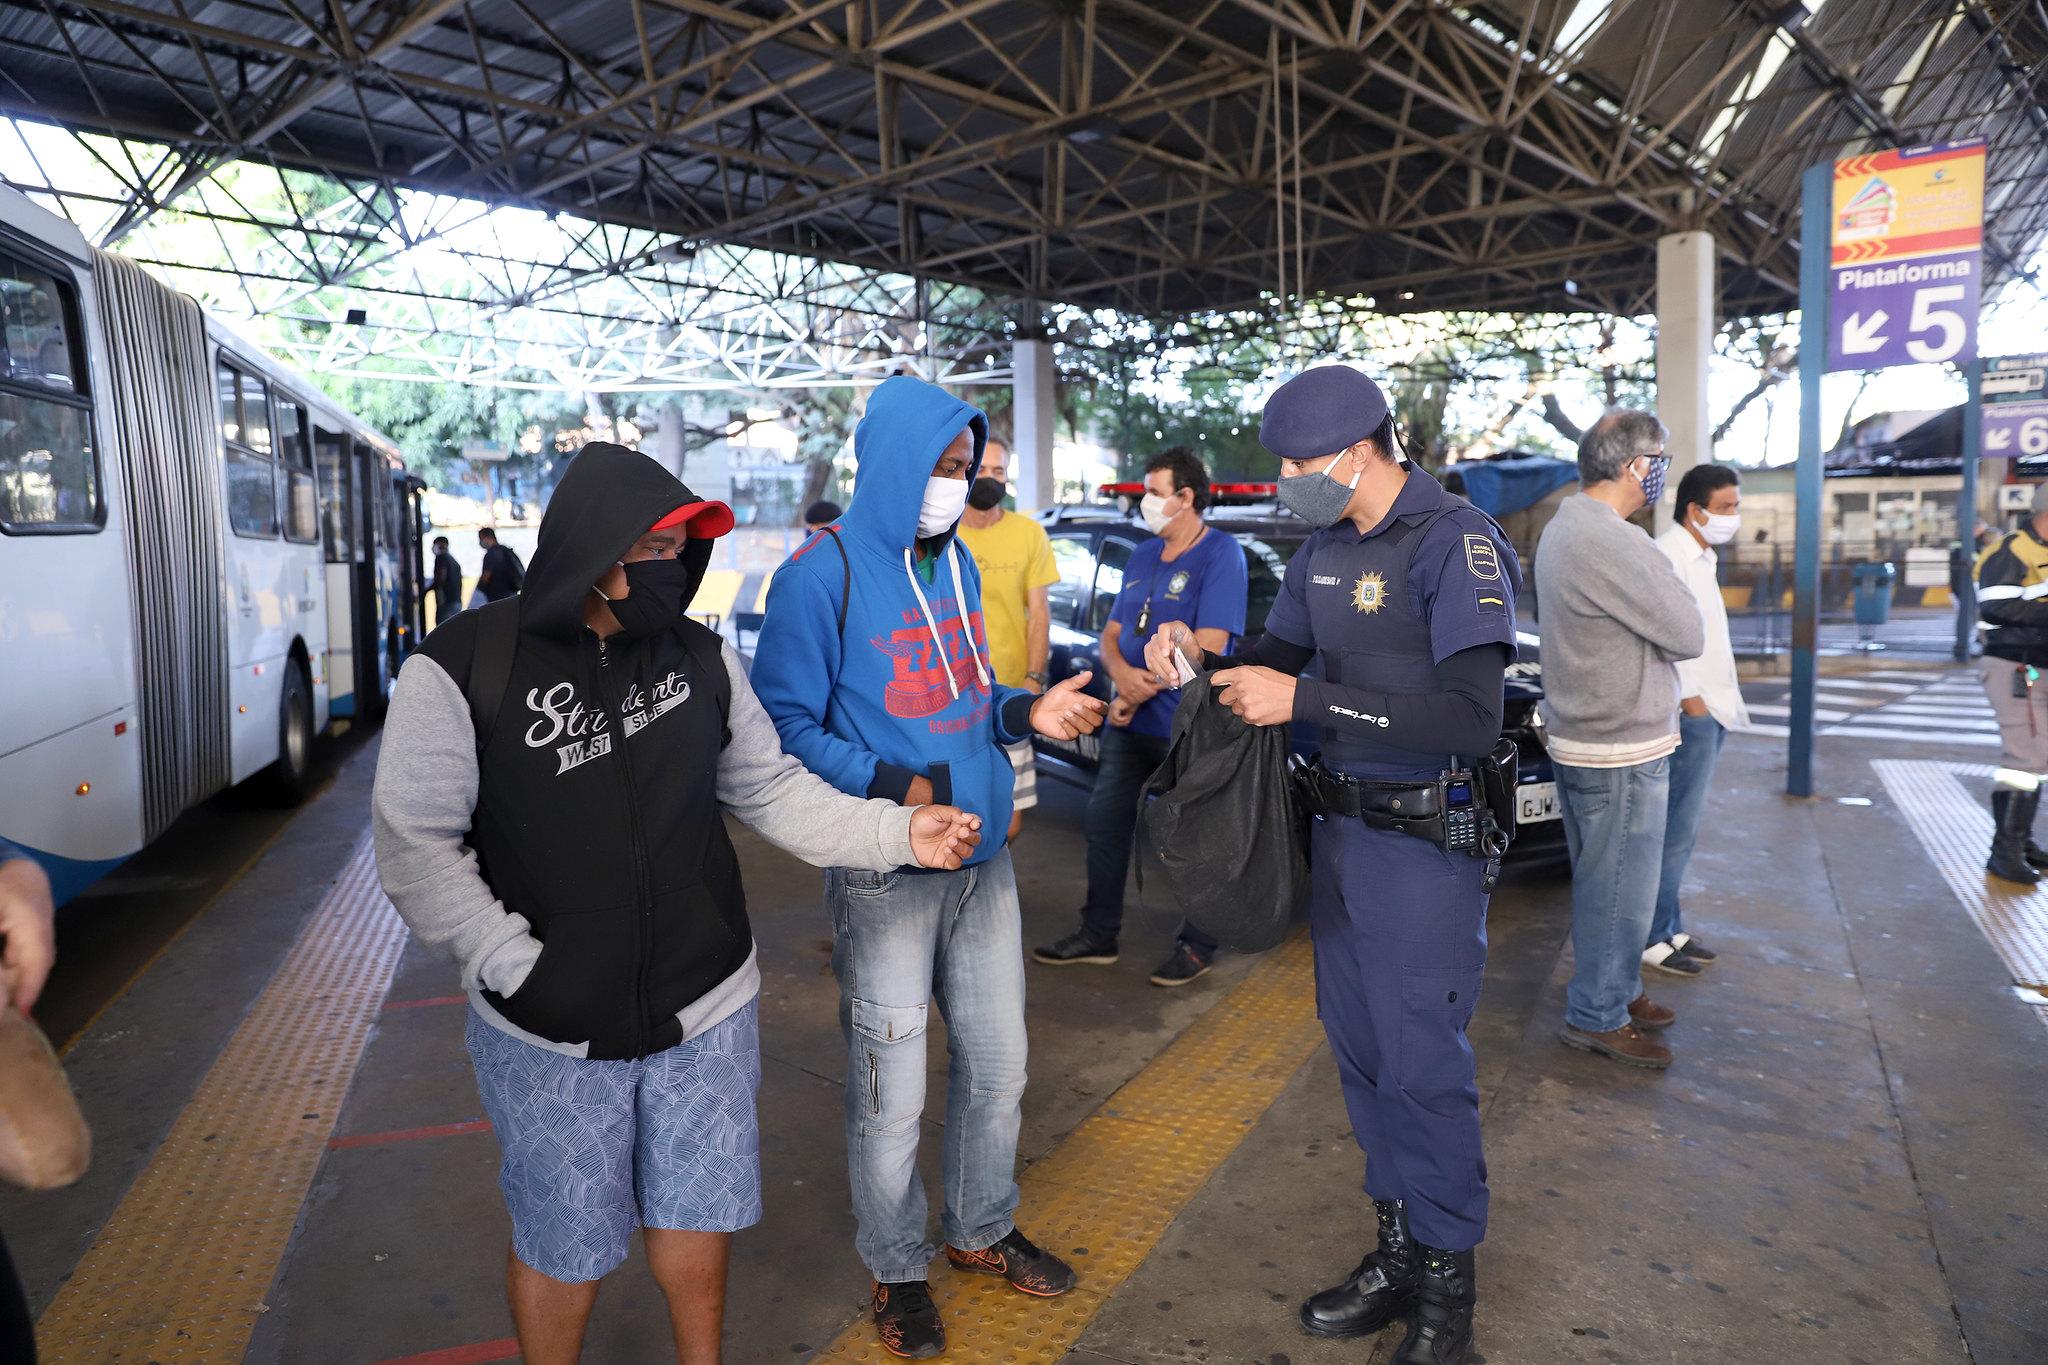 Medida vai valer a partir do dia 7; punição será estabelecida pelas prefeituras (Fernanda Sunega/Fotos Publicas)